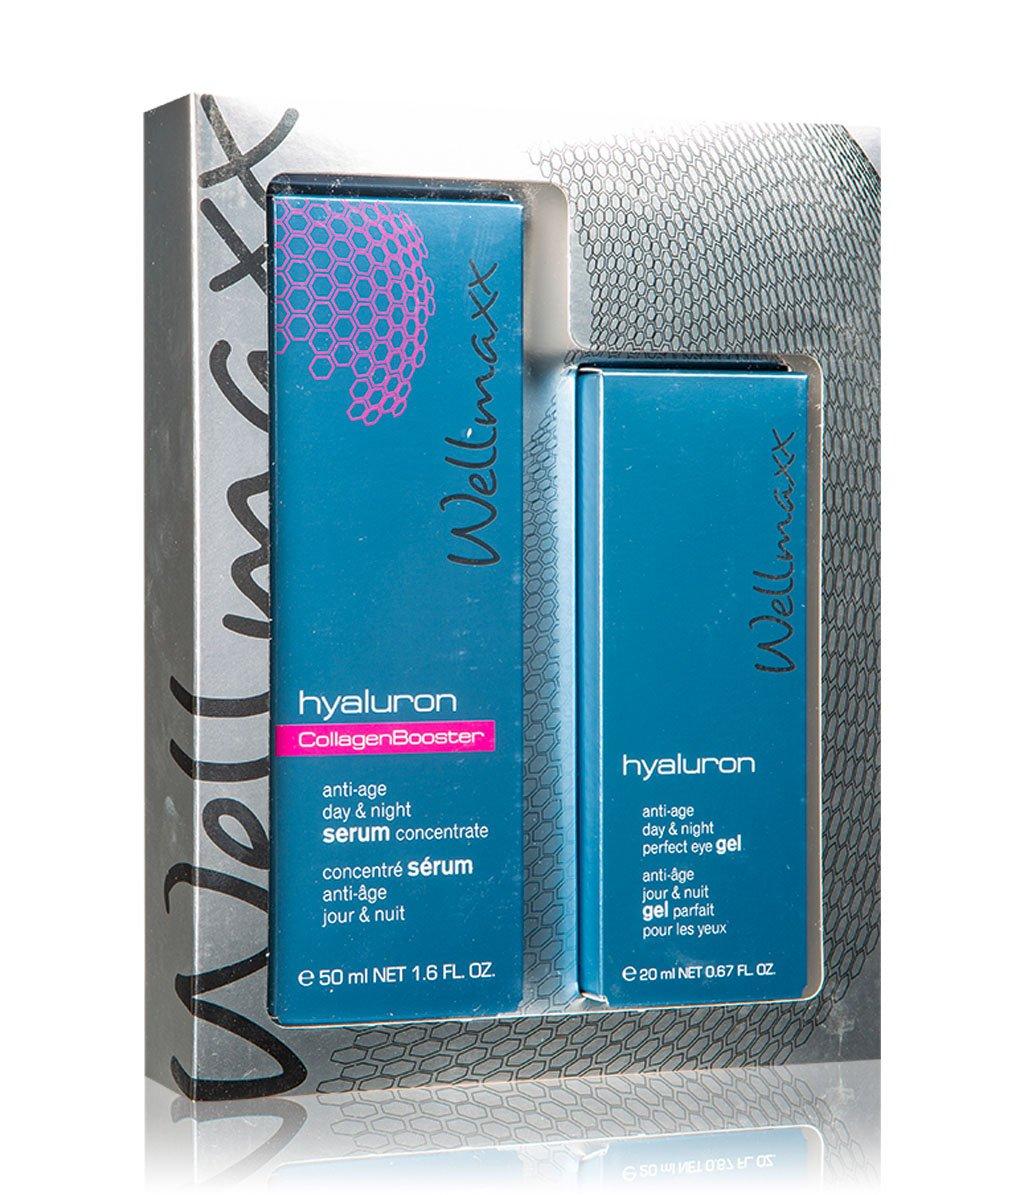 Wellmaxx Hyaluron Duo Collagen Booster Gesichtspflegeset..